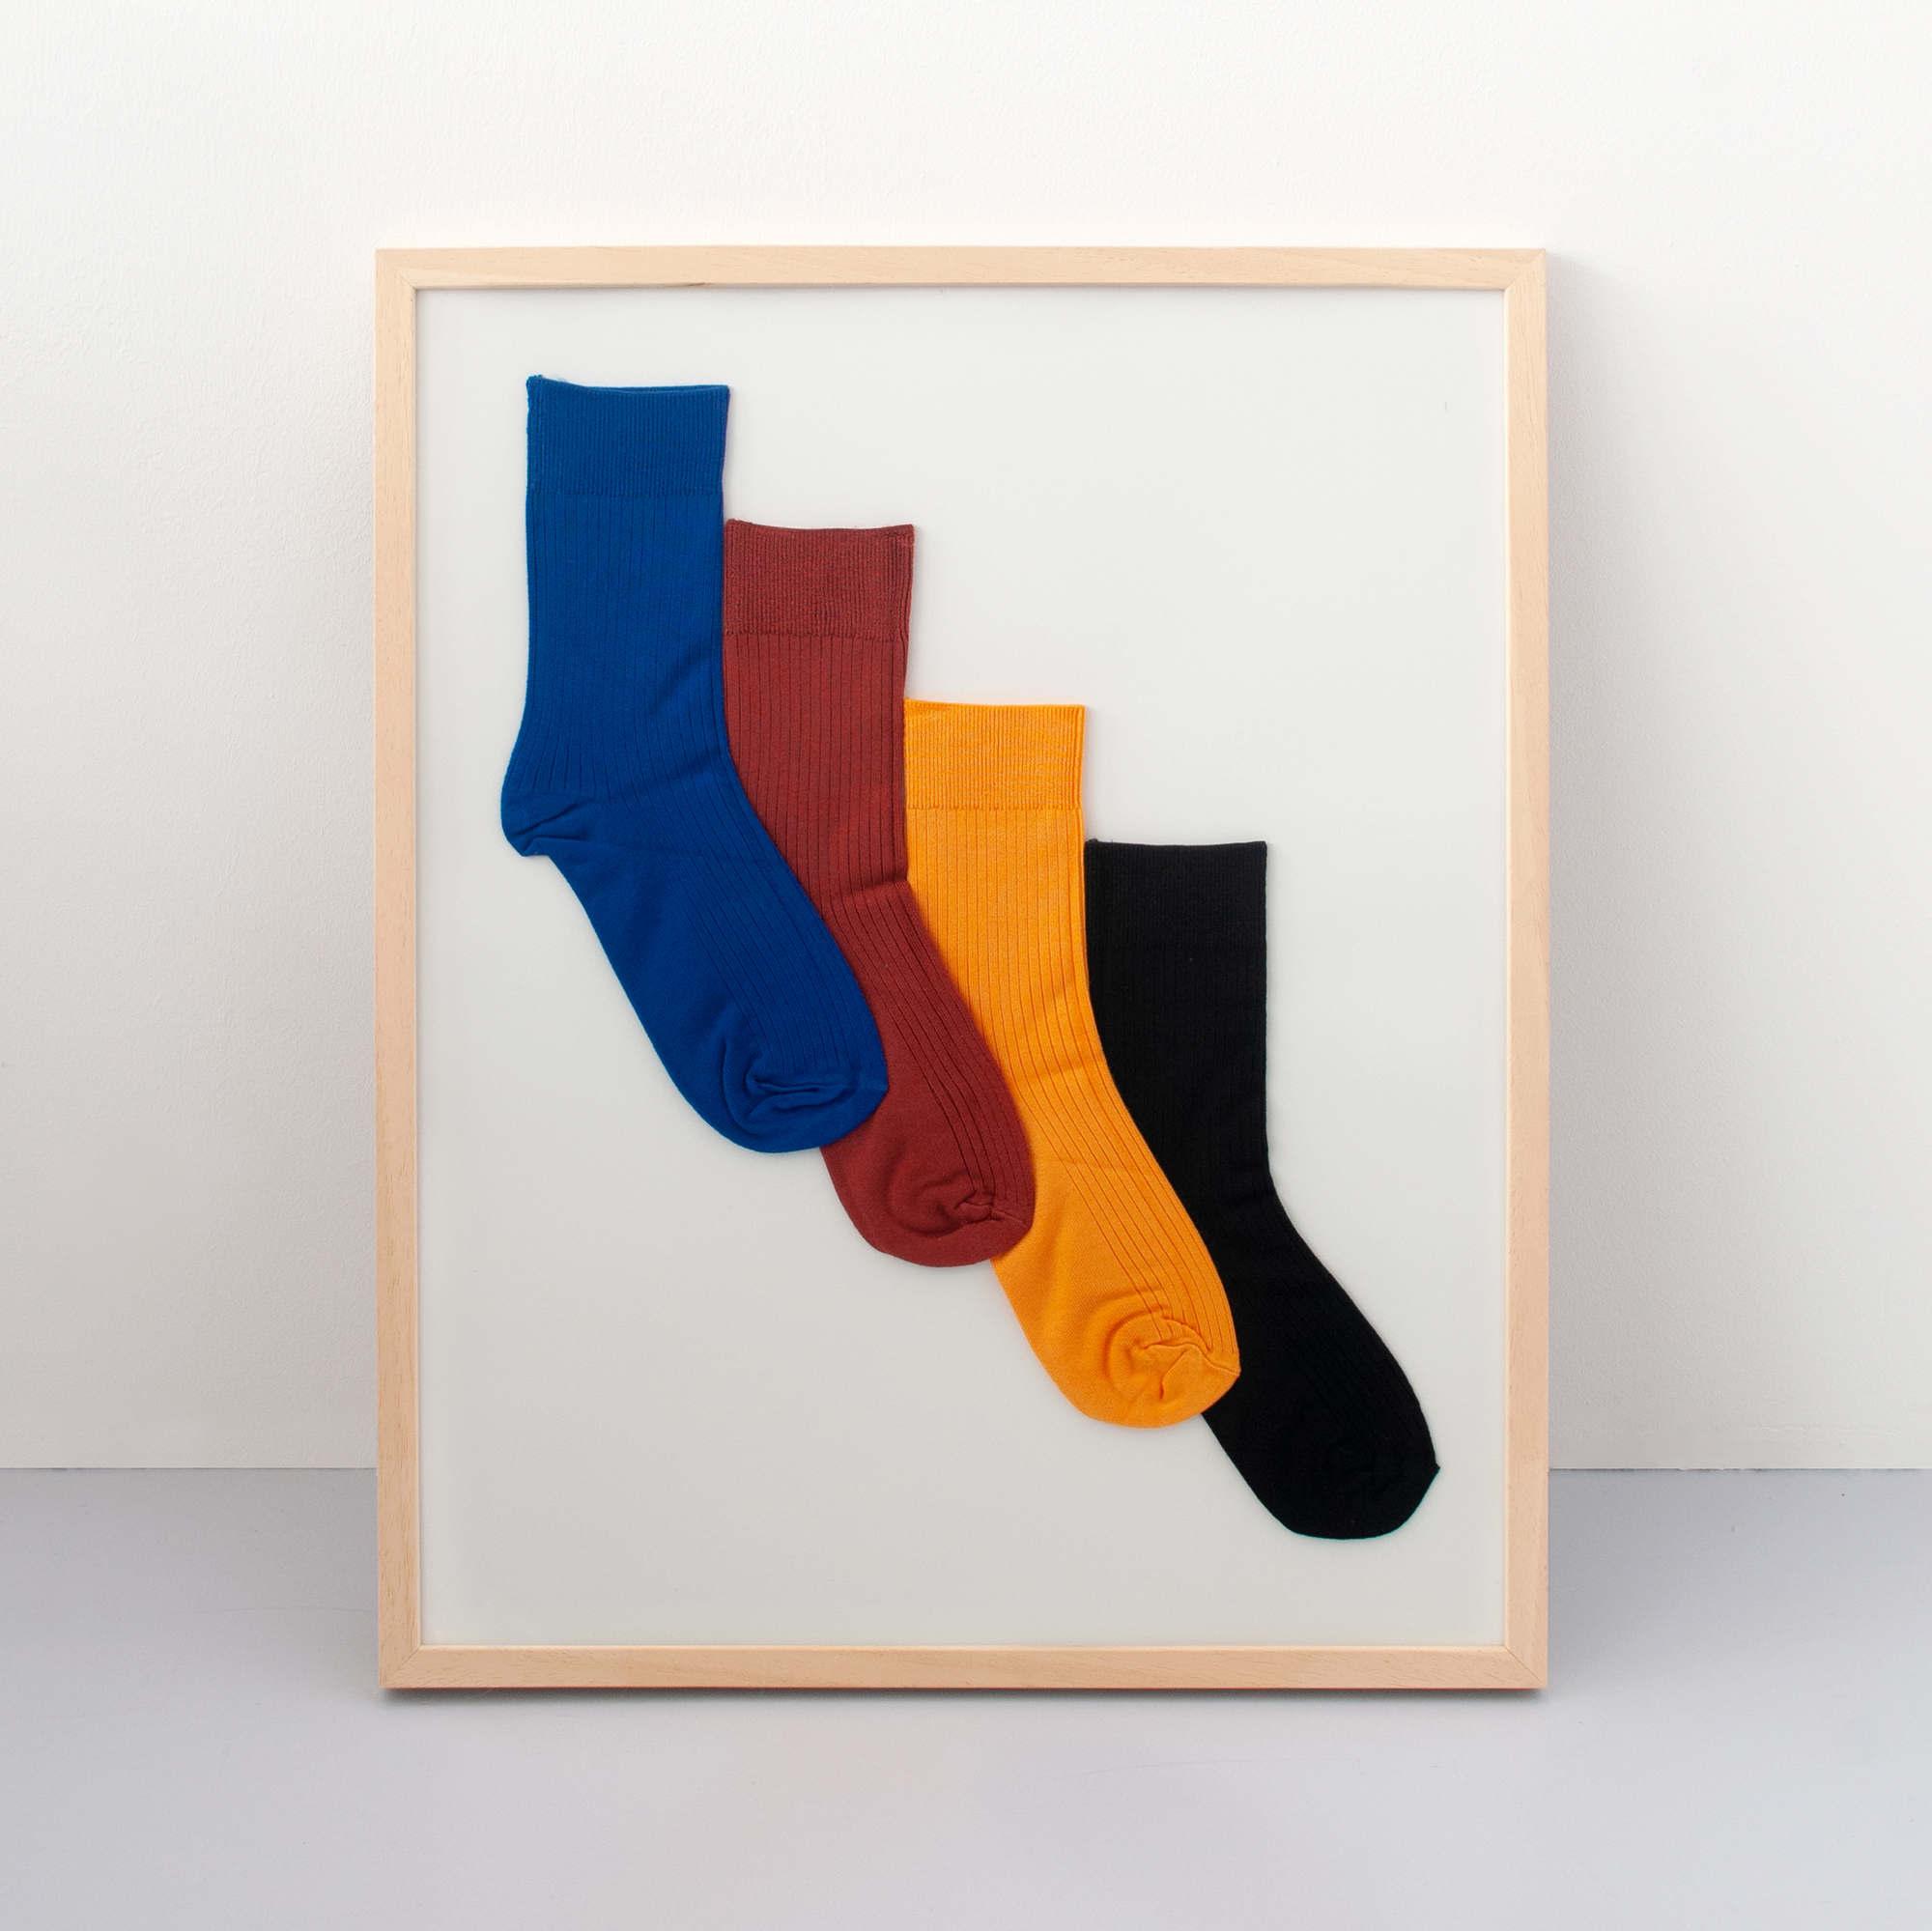 942460ddf An ode to a Sock - Roel van Eekelen